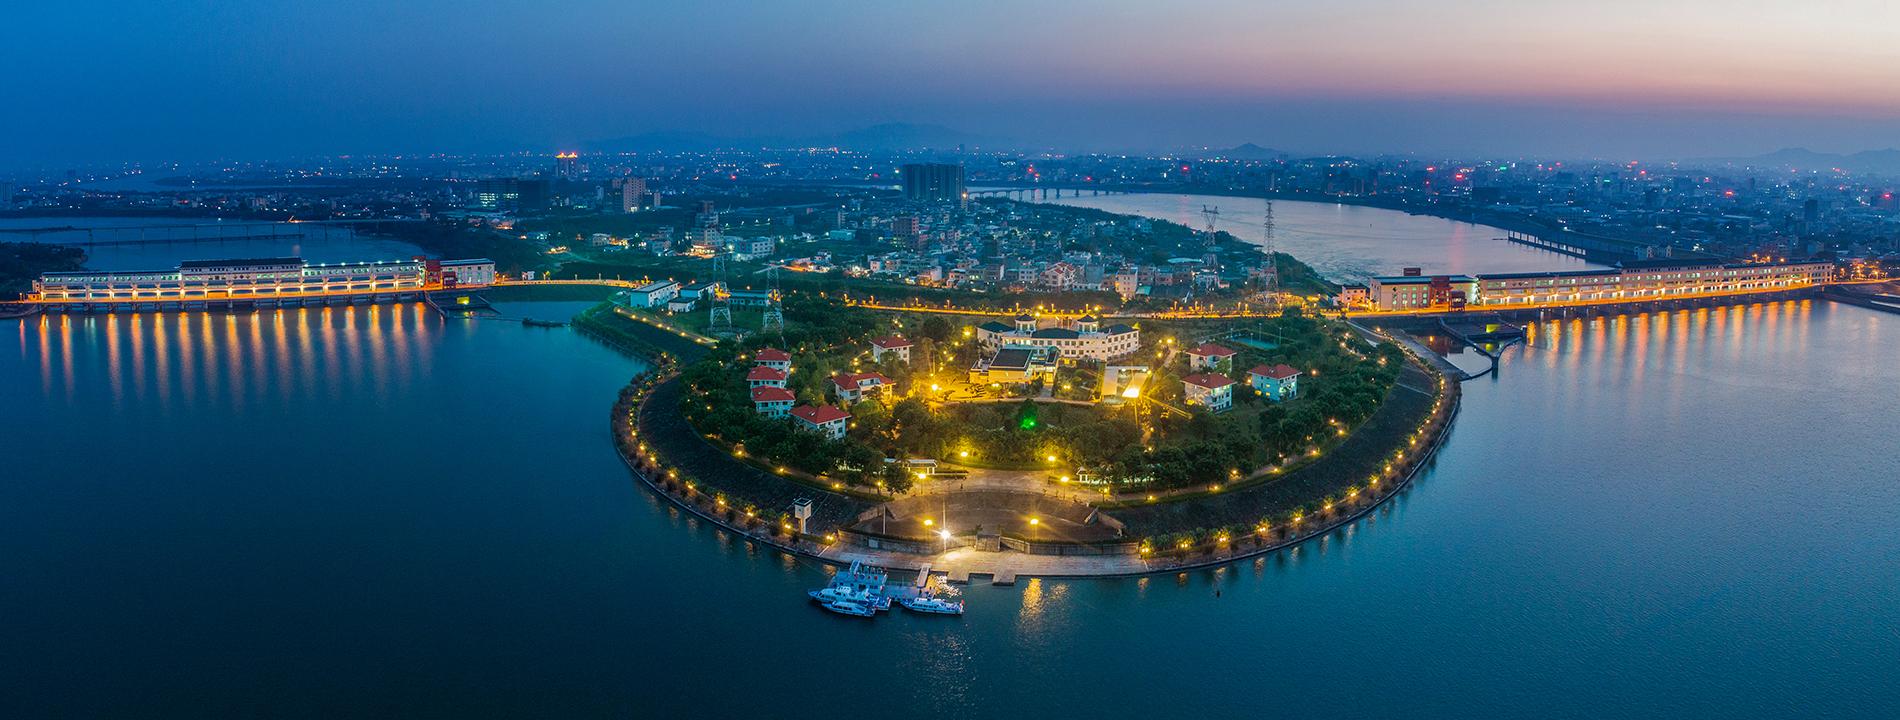 潮州供水枢纽工程